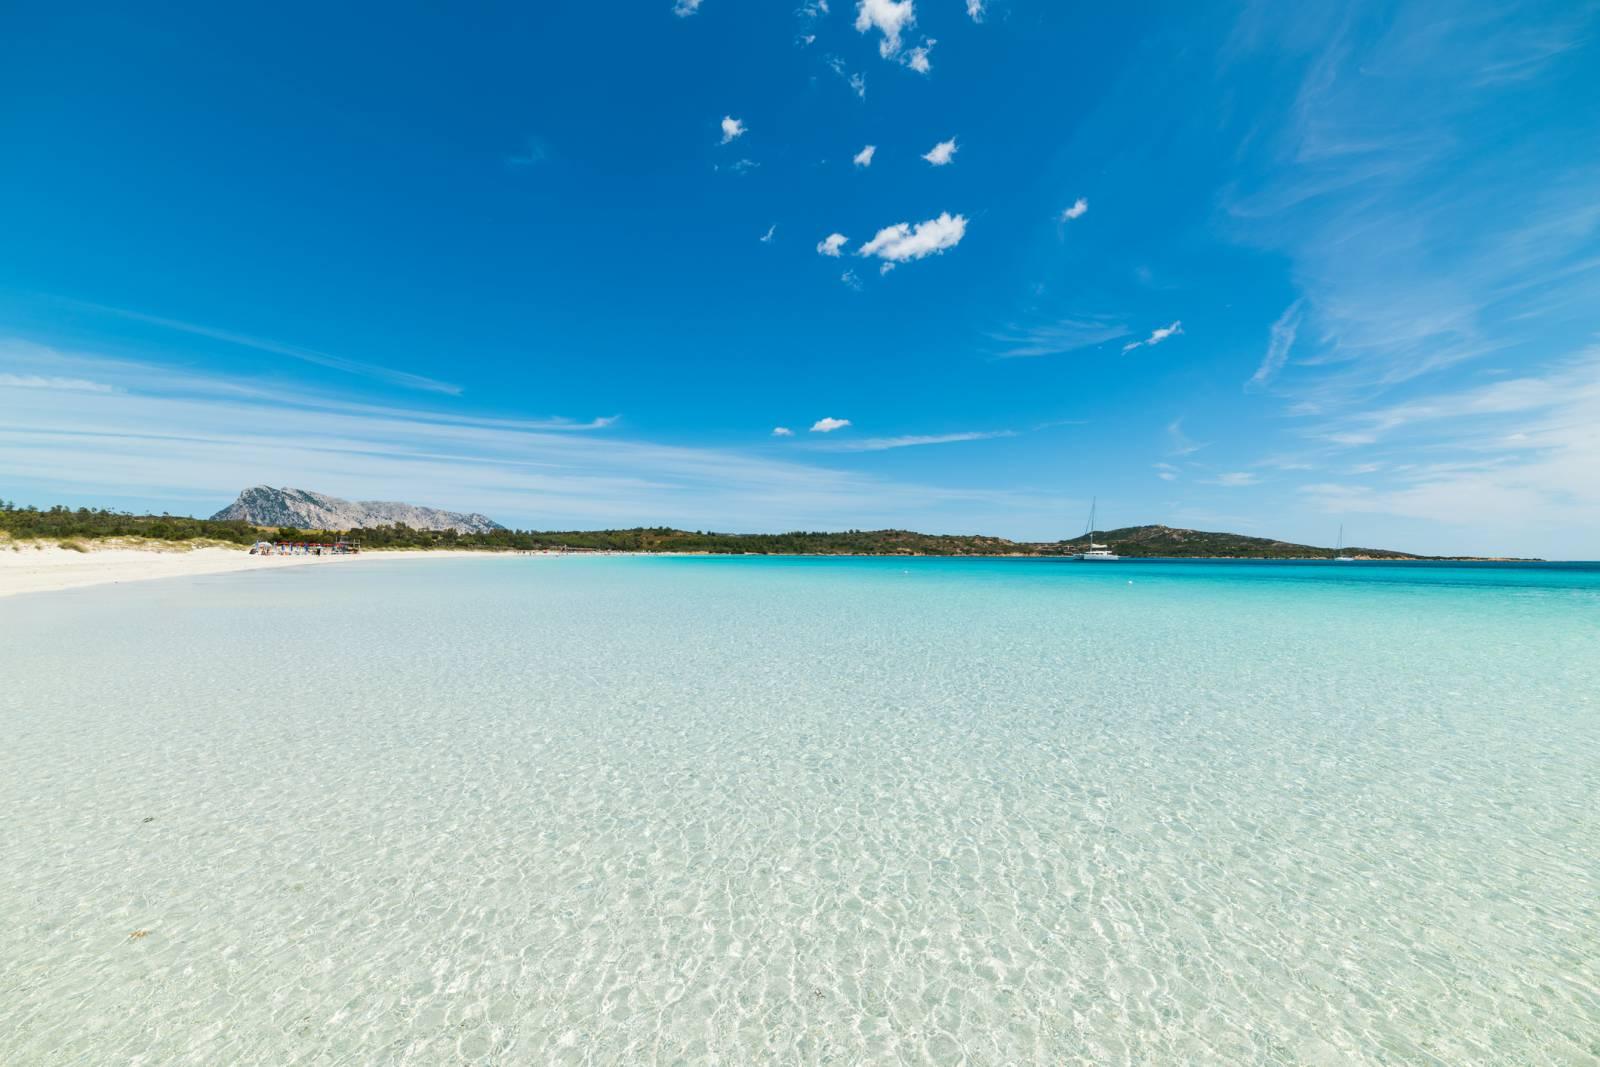 Dodici spiagge del mediterraneo da vedere almeno una volta for Immagini desktop mare